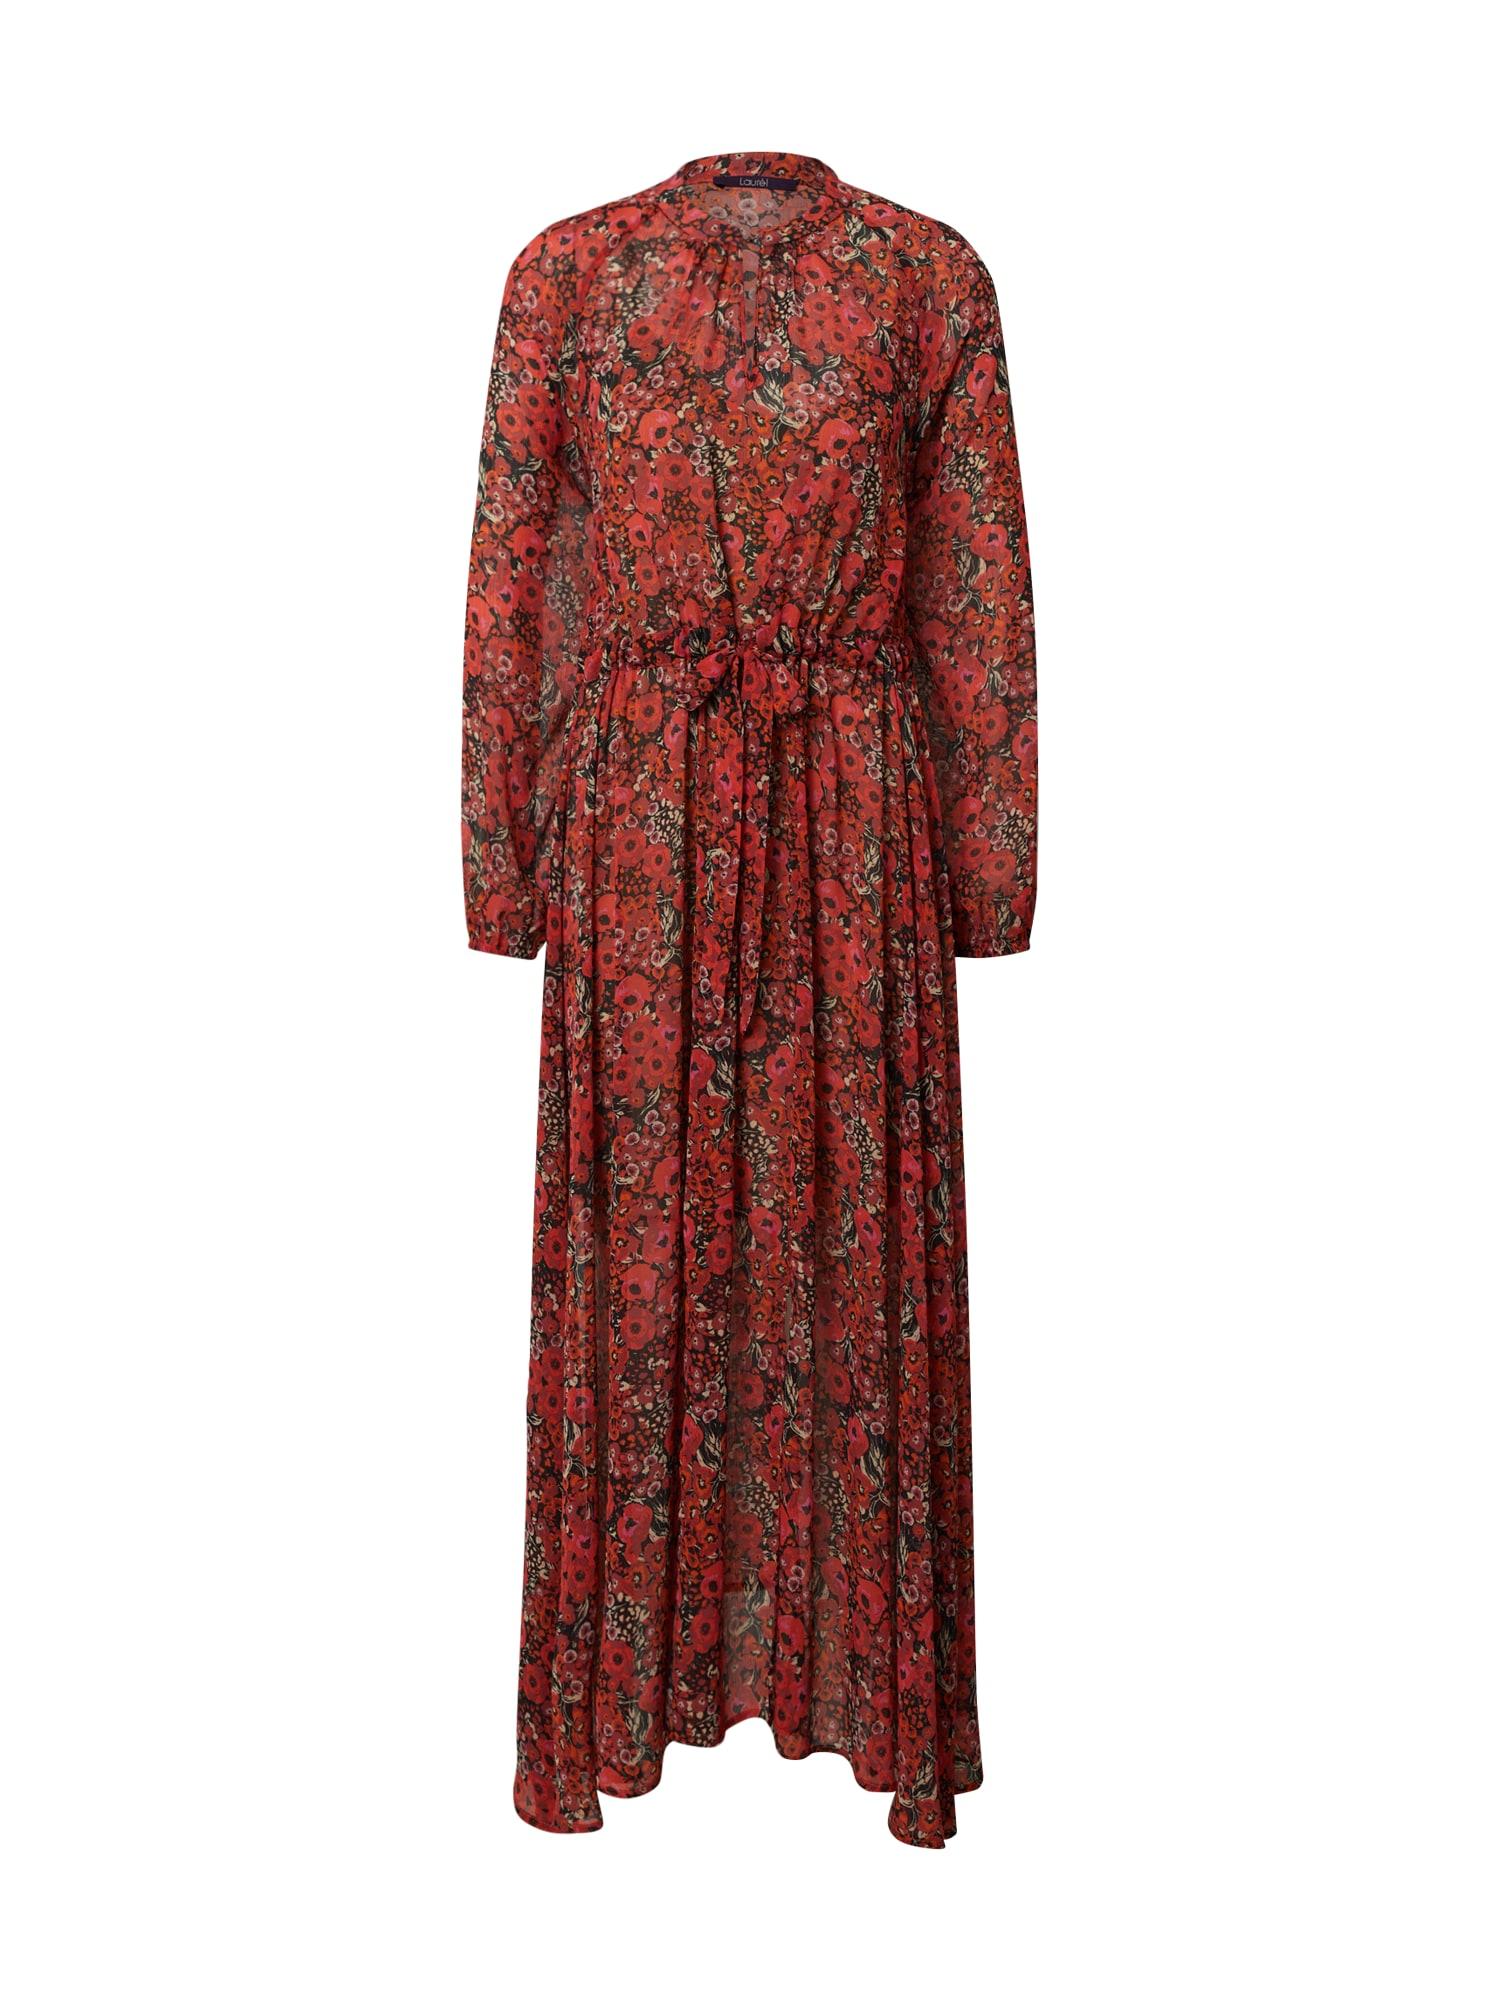 LAUREL Suknelė raudona / mišrios spalvos